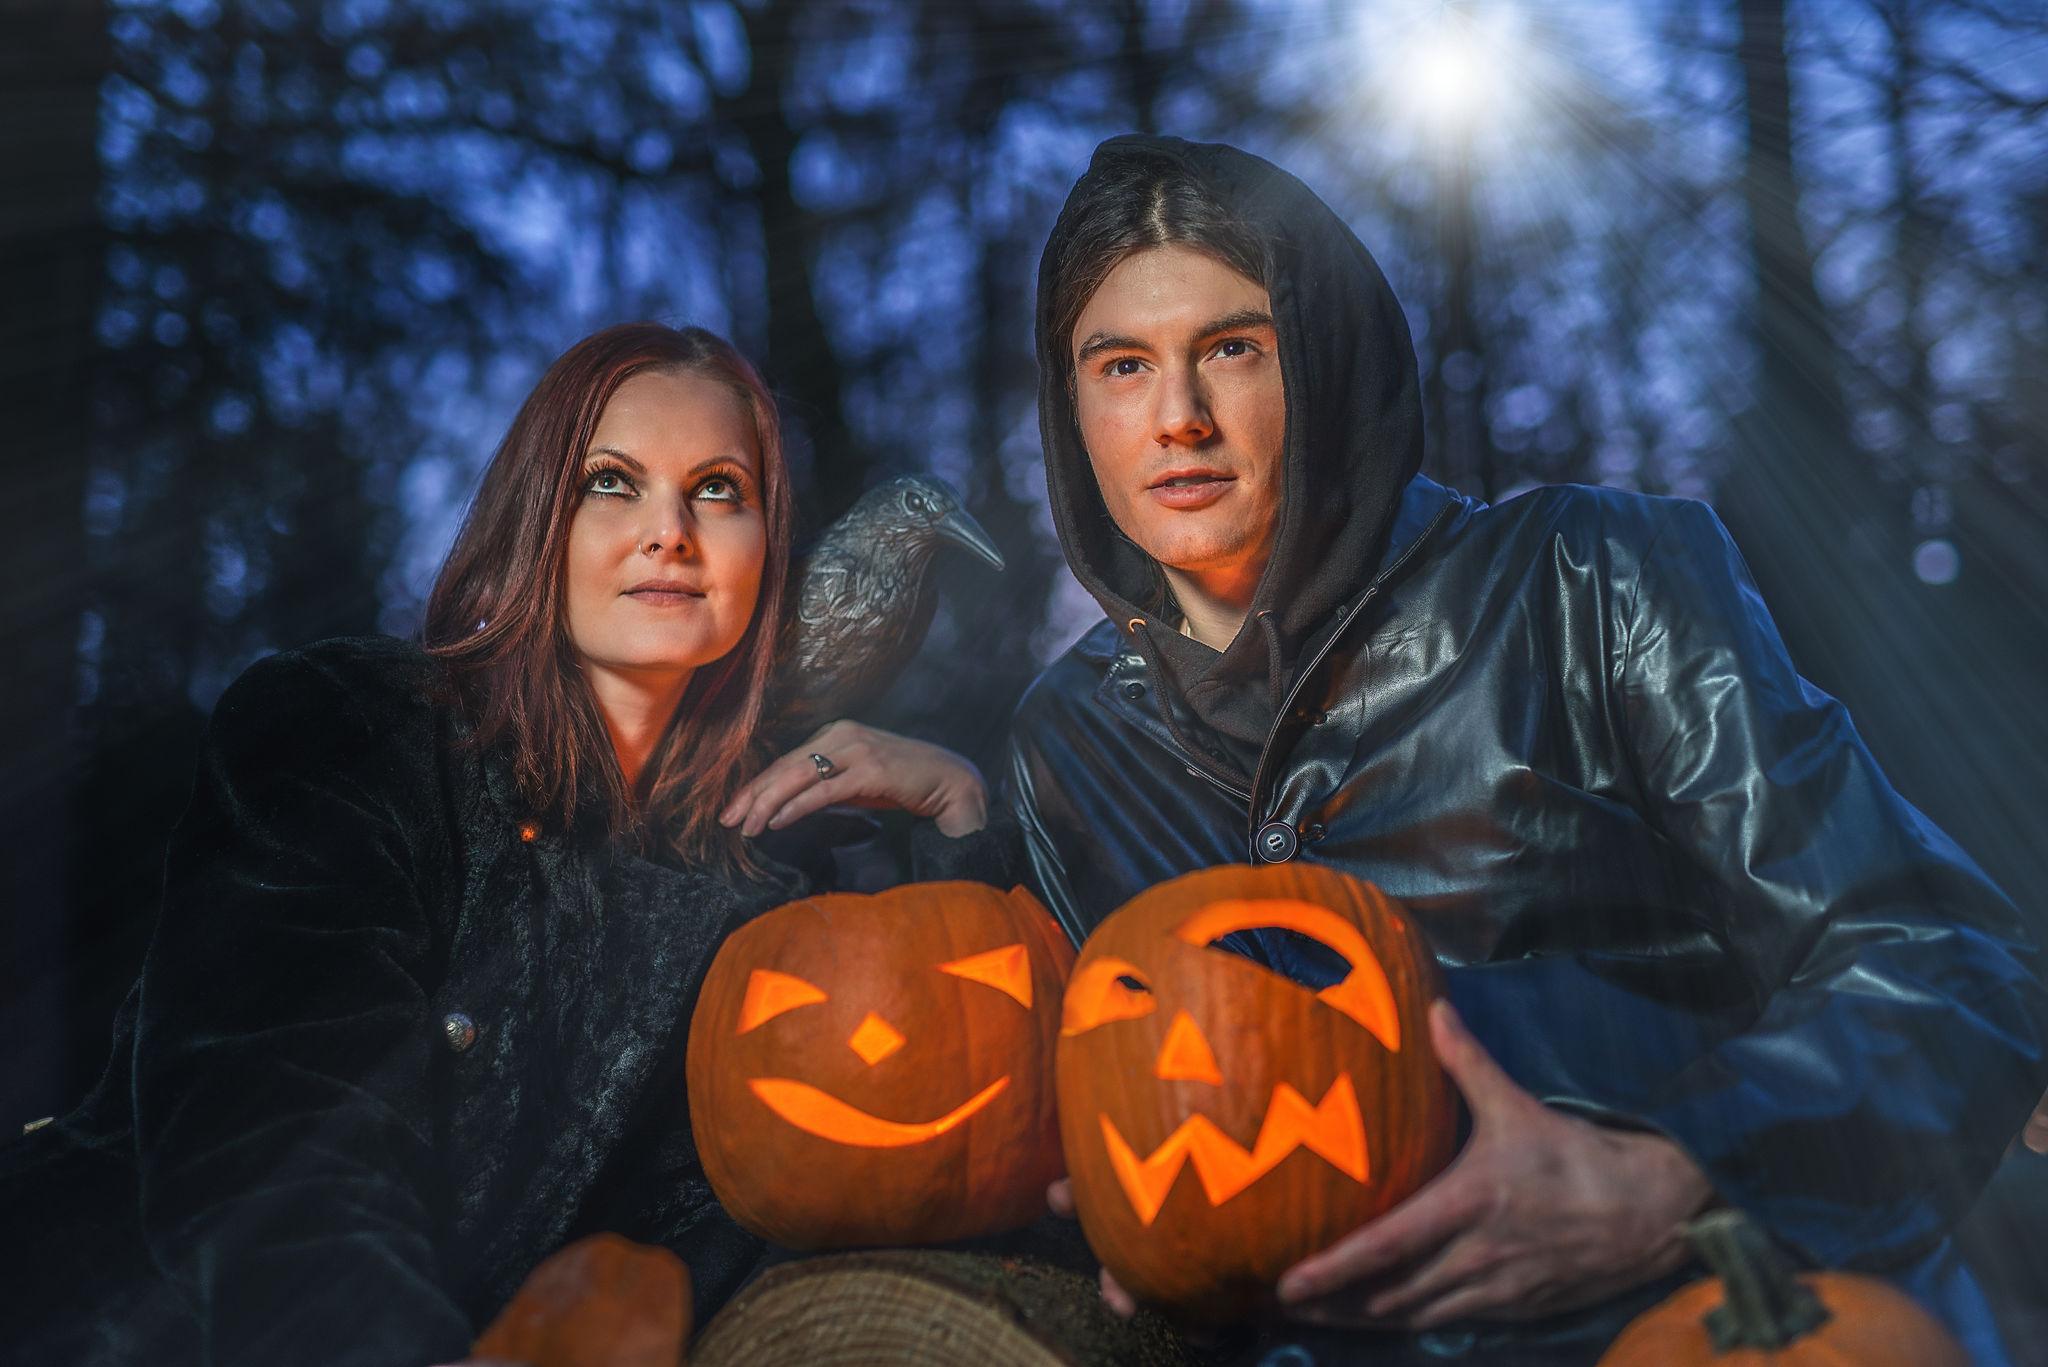 Halloween-Shooting iStock